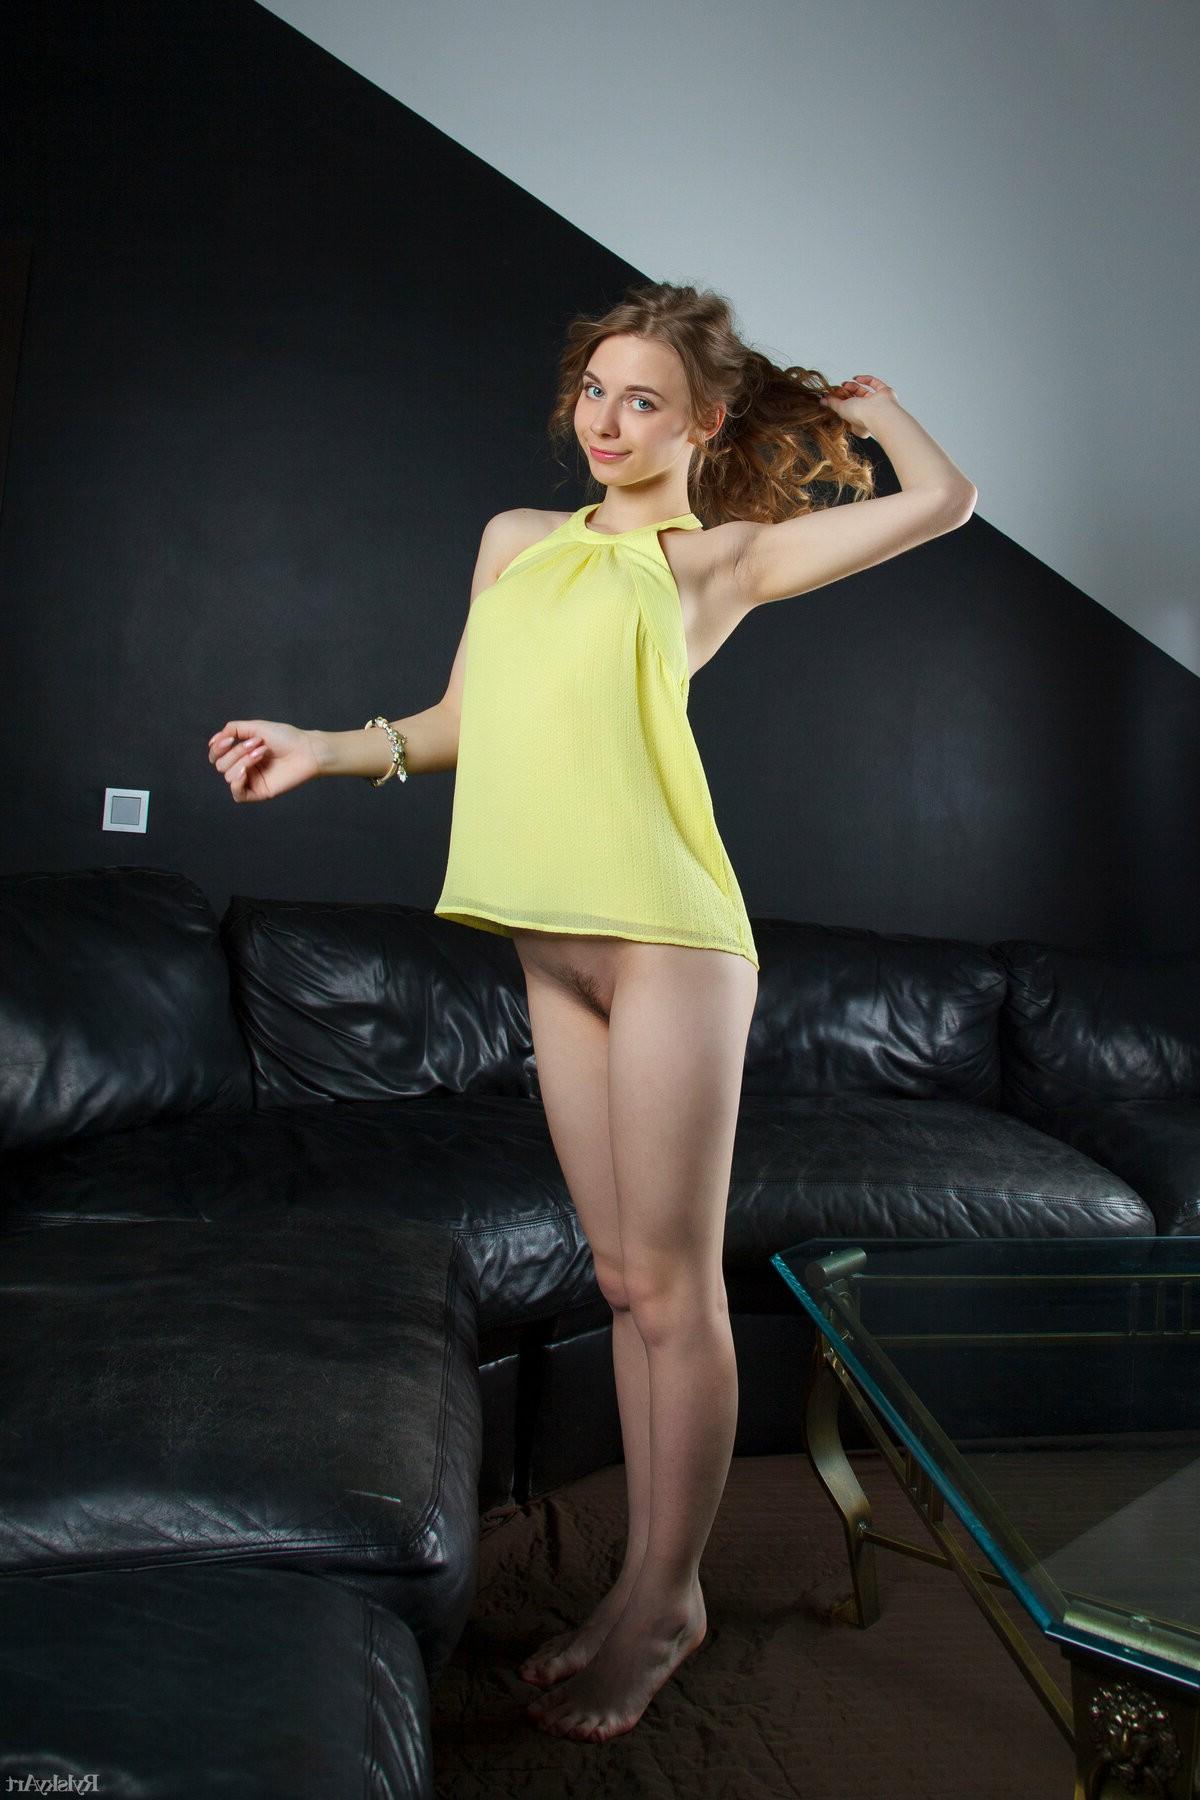 female chastity bdsm